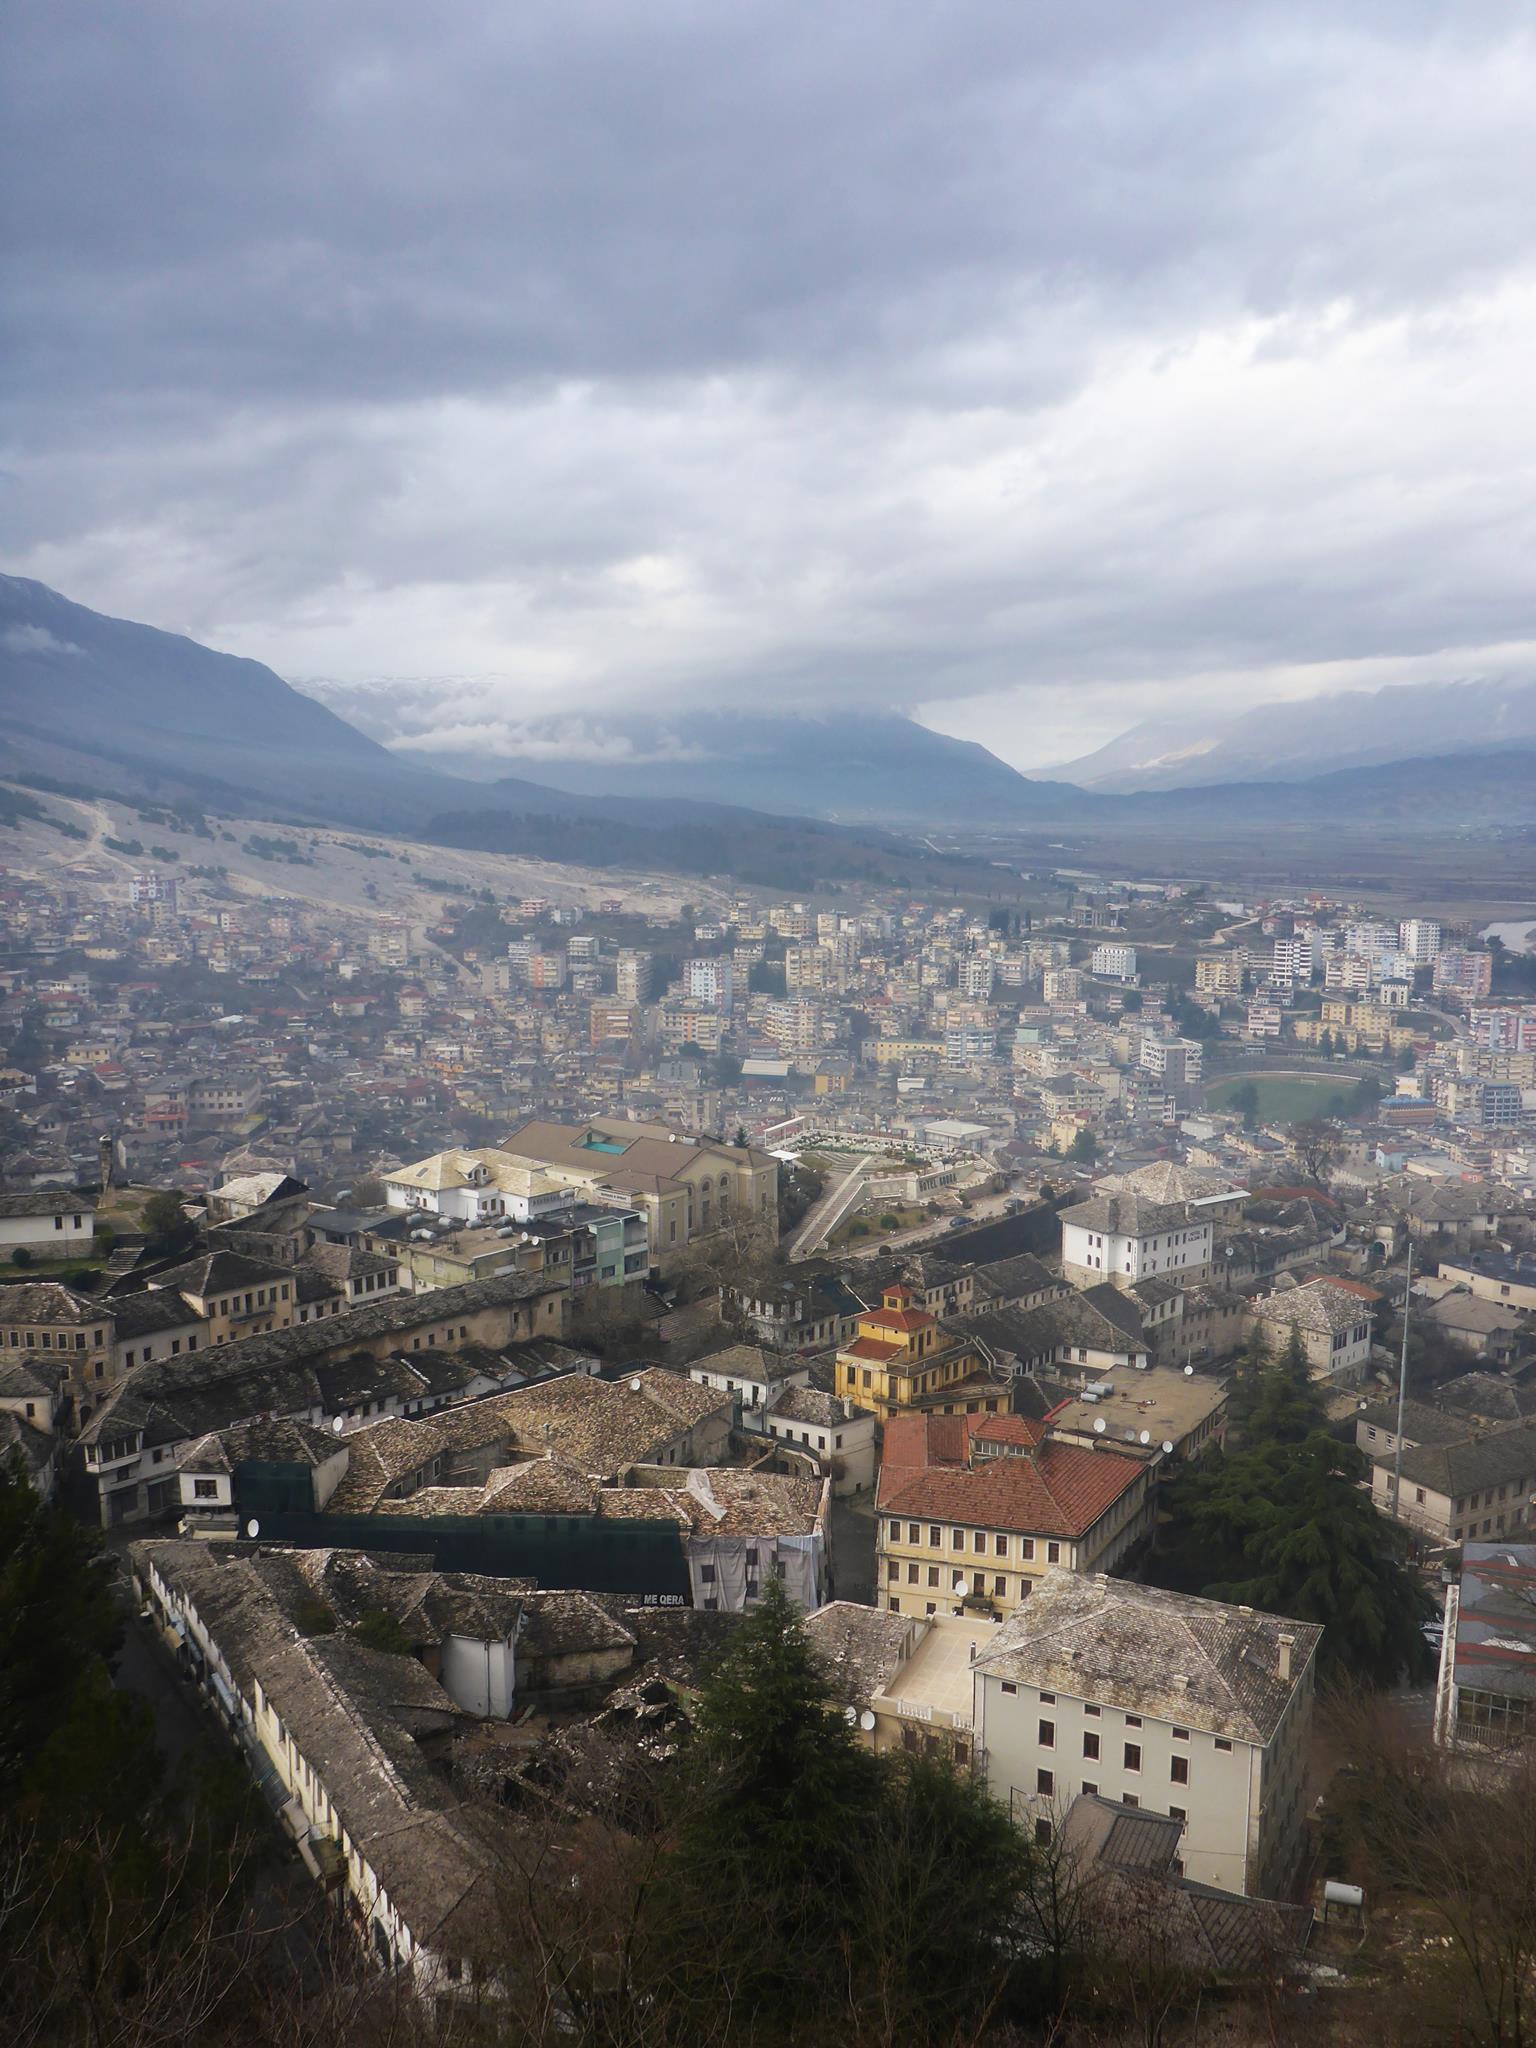 Je reste une semaine à Gjirokastër, une ancienne cité ottomane magnifique